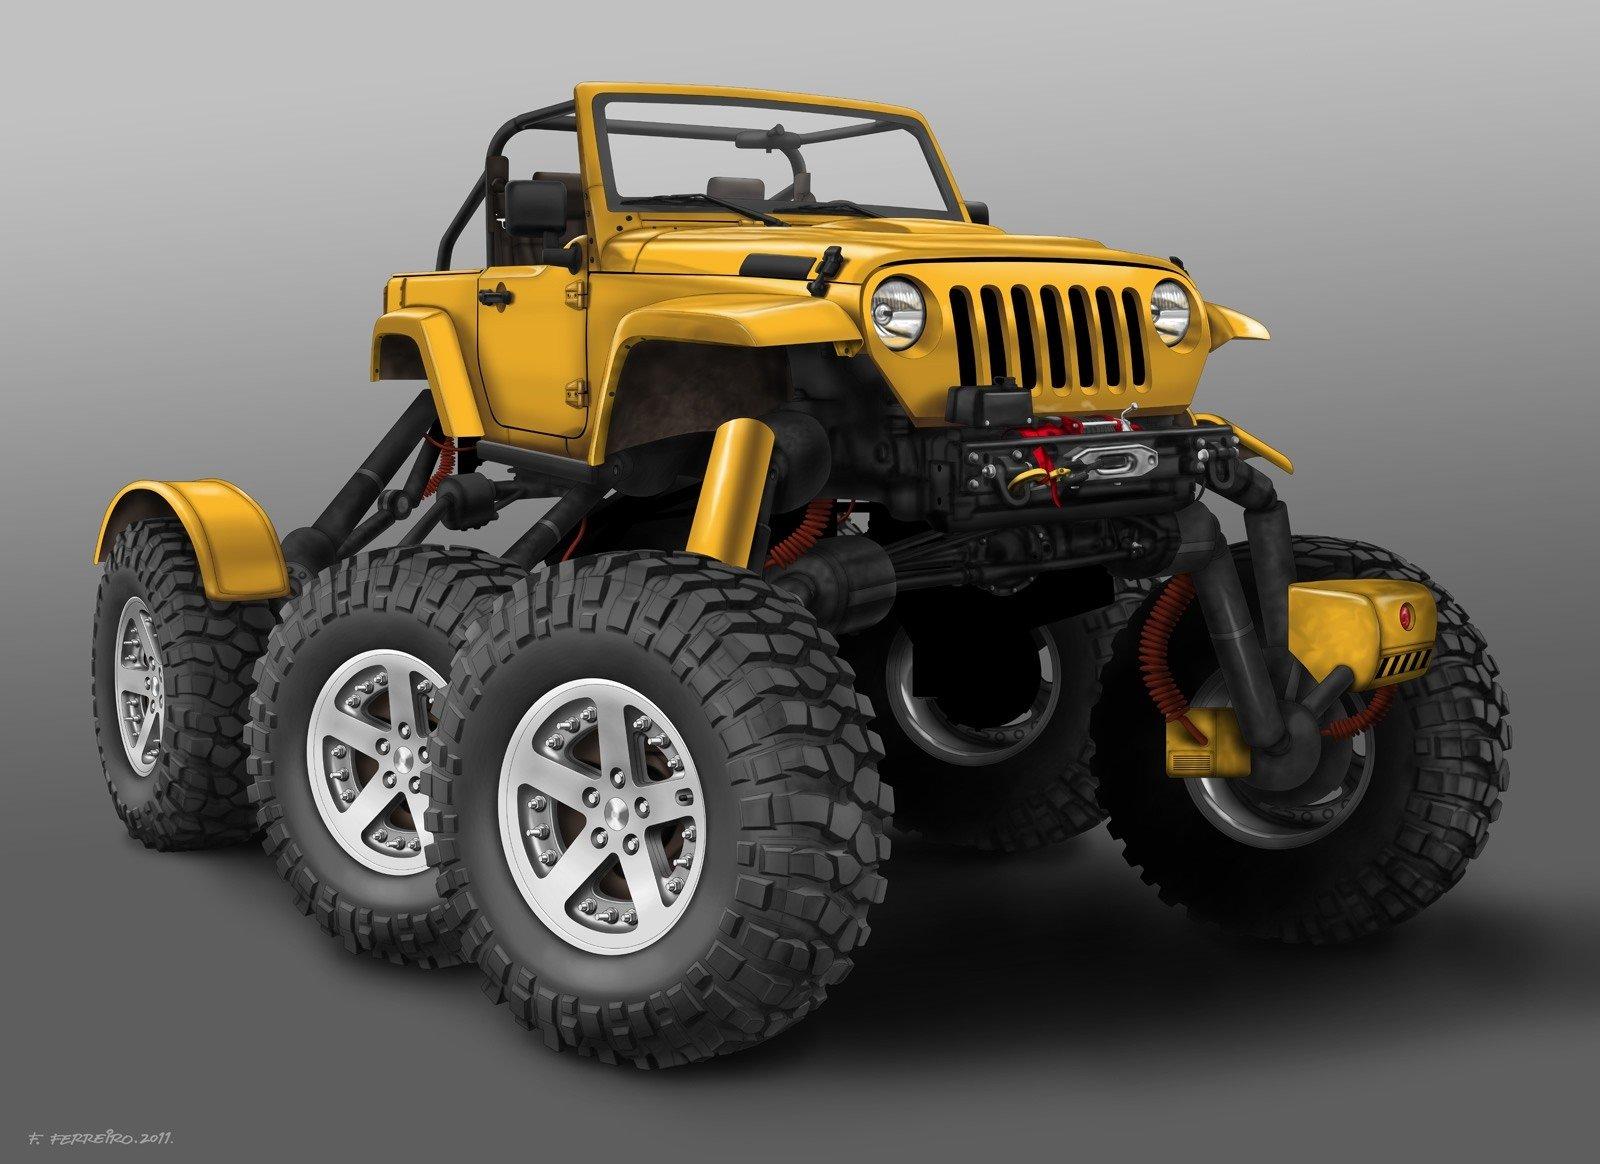 Hd wallpaper jeep - Hd Wallpaper Background Id 193059 1600x1164 Vehicles Jeep